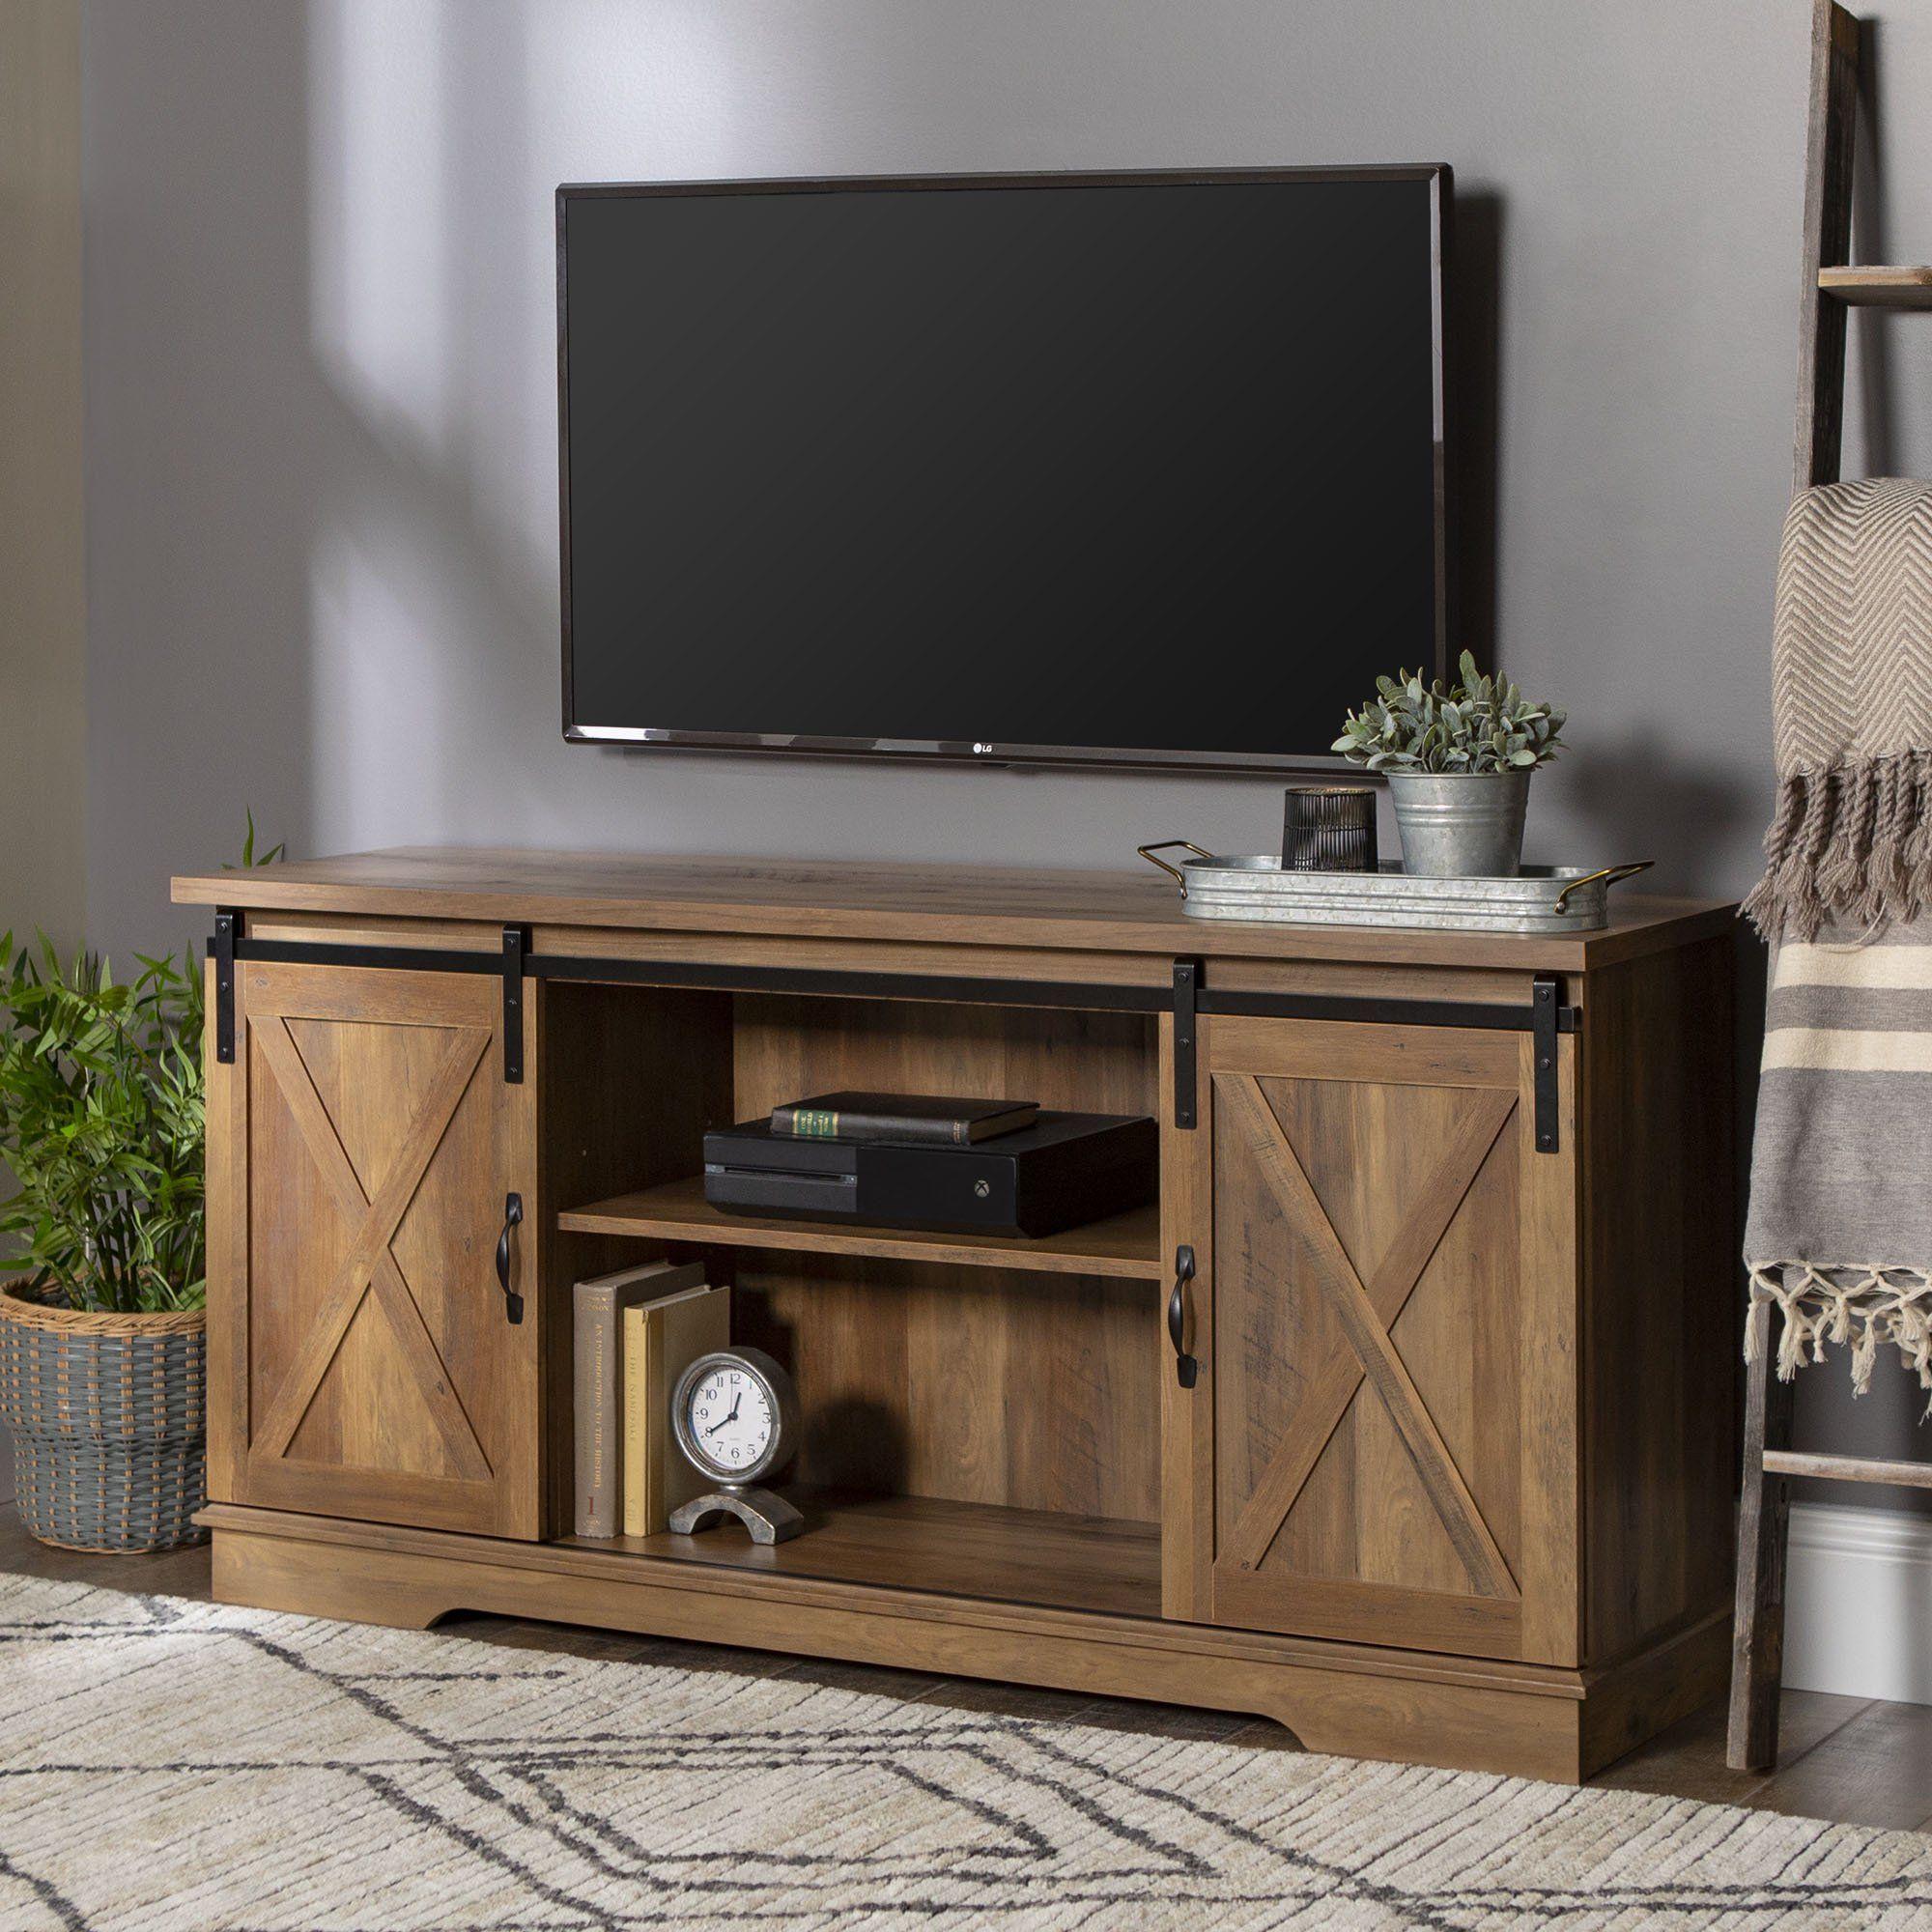 Manor Park Oak Barn Door Tv Stand For Tvs Up To 65 White Oak Walmart Com Walmart Com In 2020 Barn Door Tv Stand Barn Door Console Rustic Tv Stand